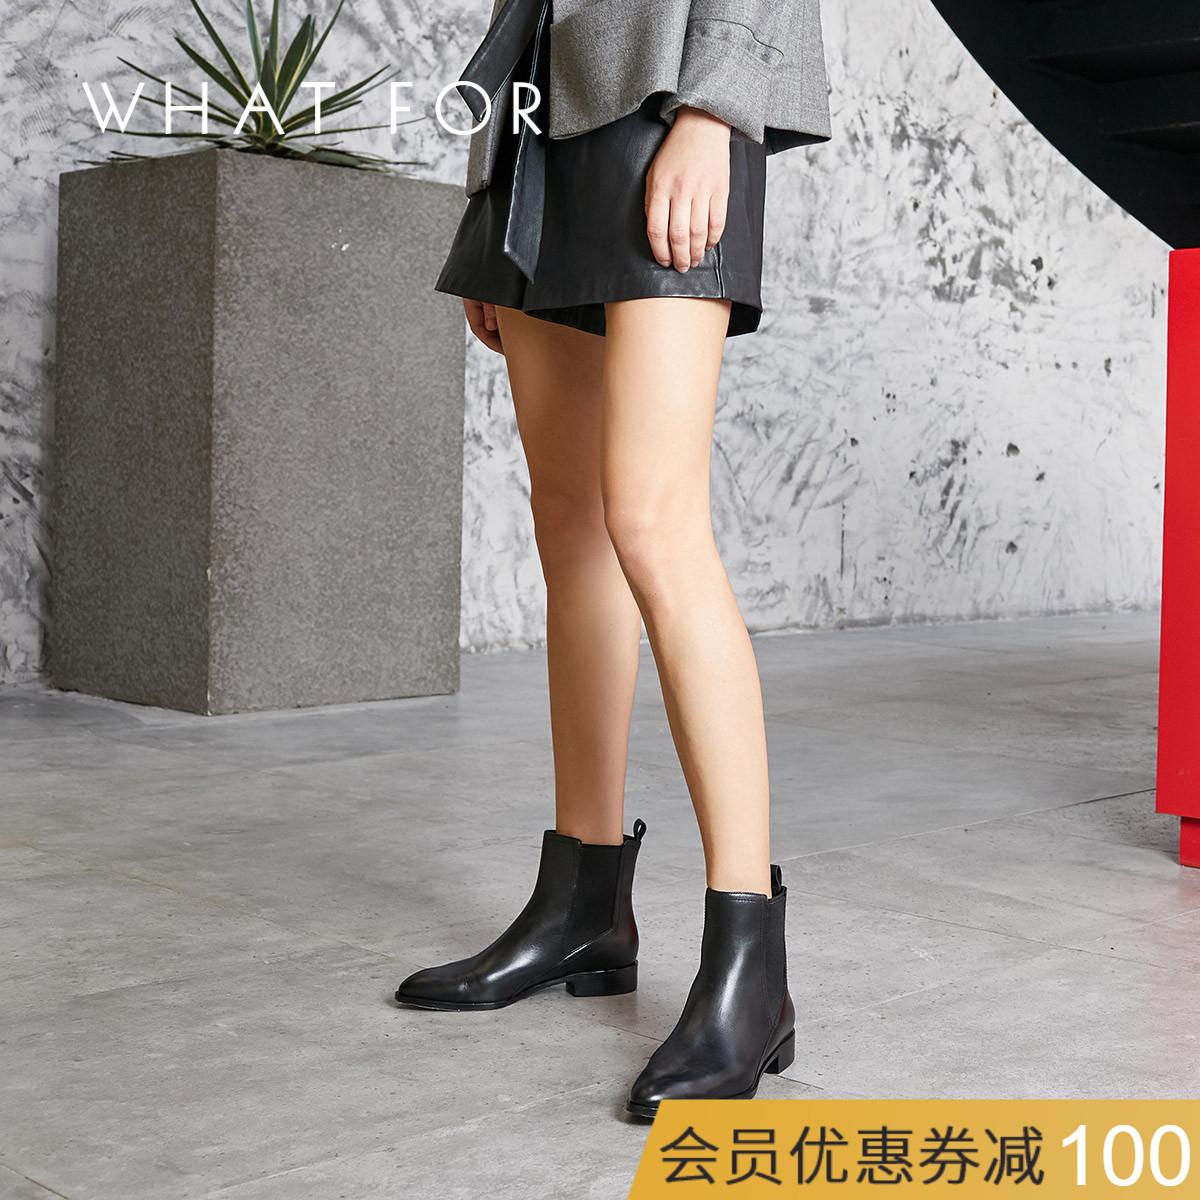 WHAT FOR2018秋冬新款牛皮时尚英伦风低跟短筒靴子女短靴切尔西靴